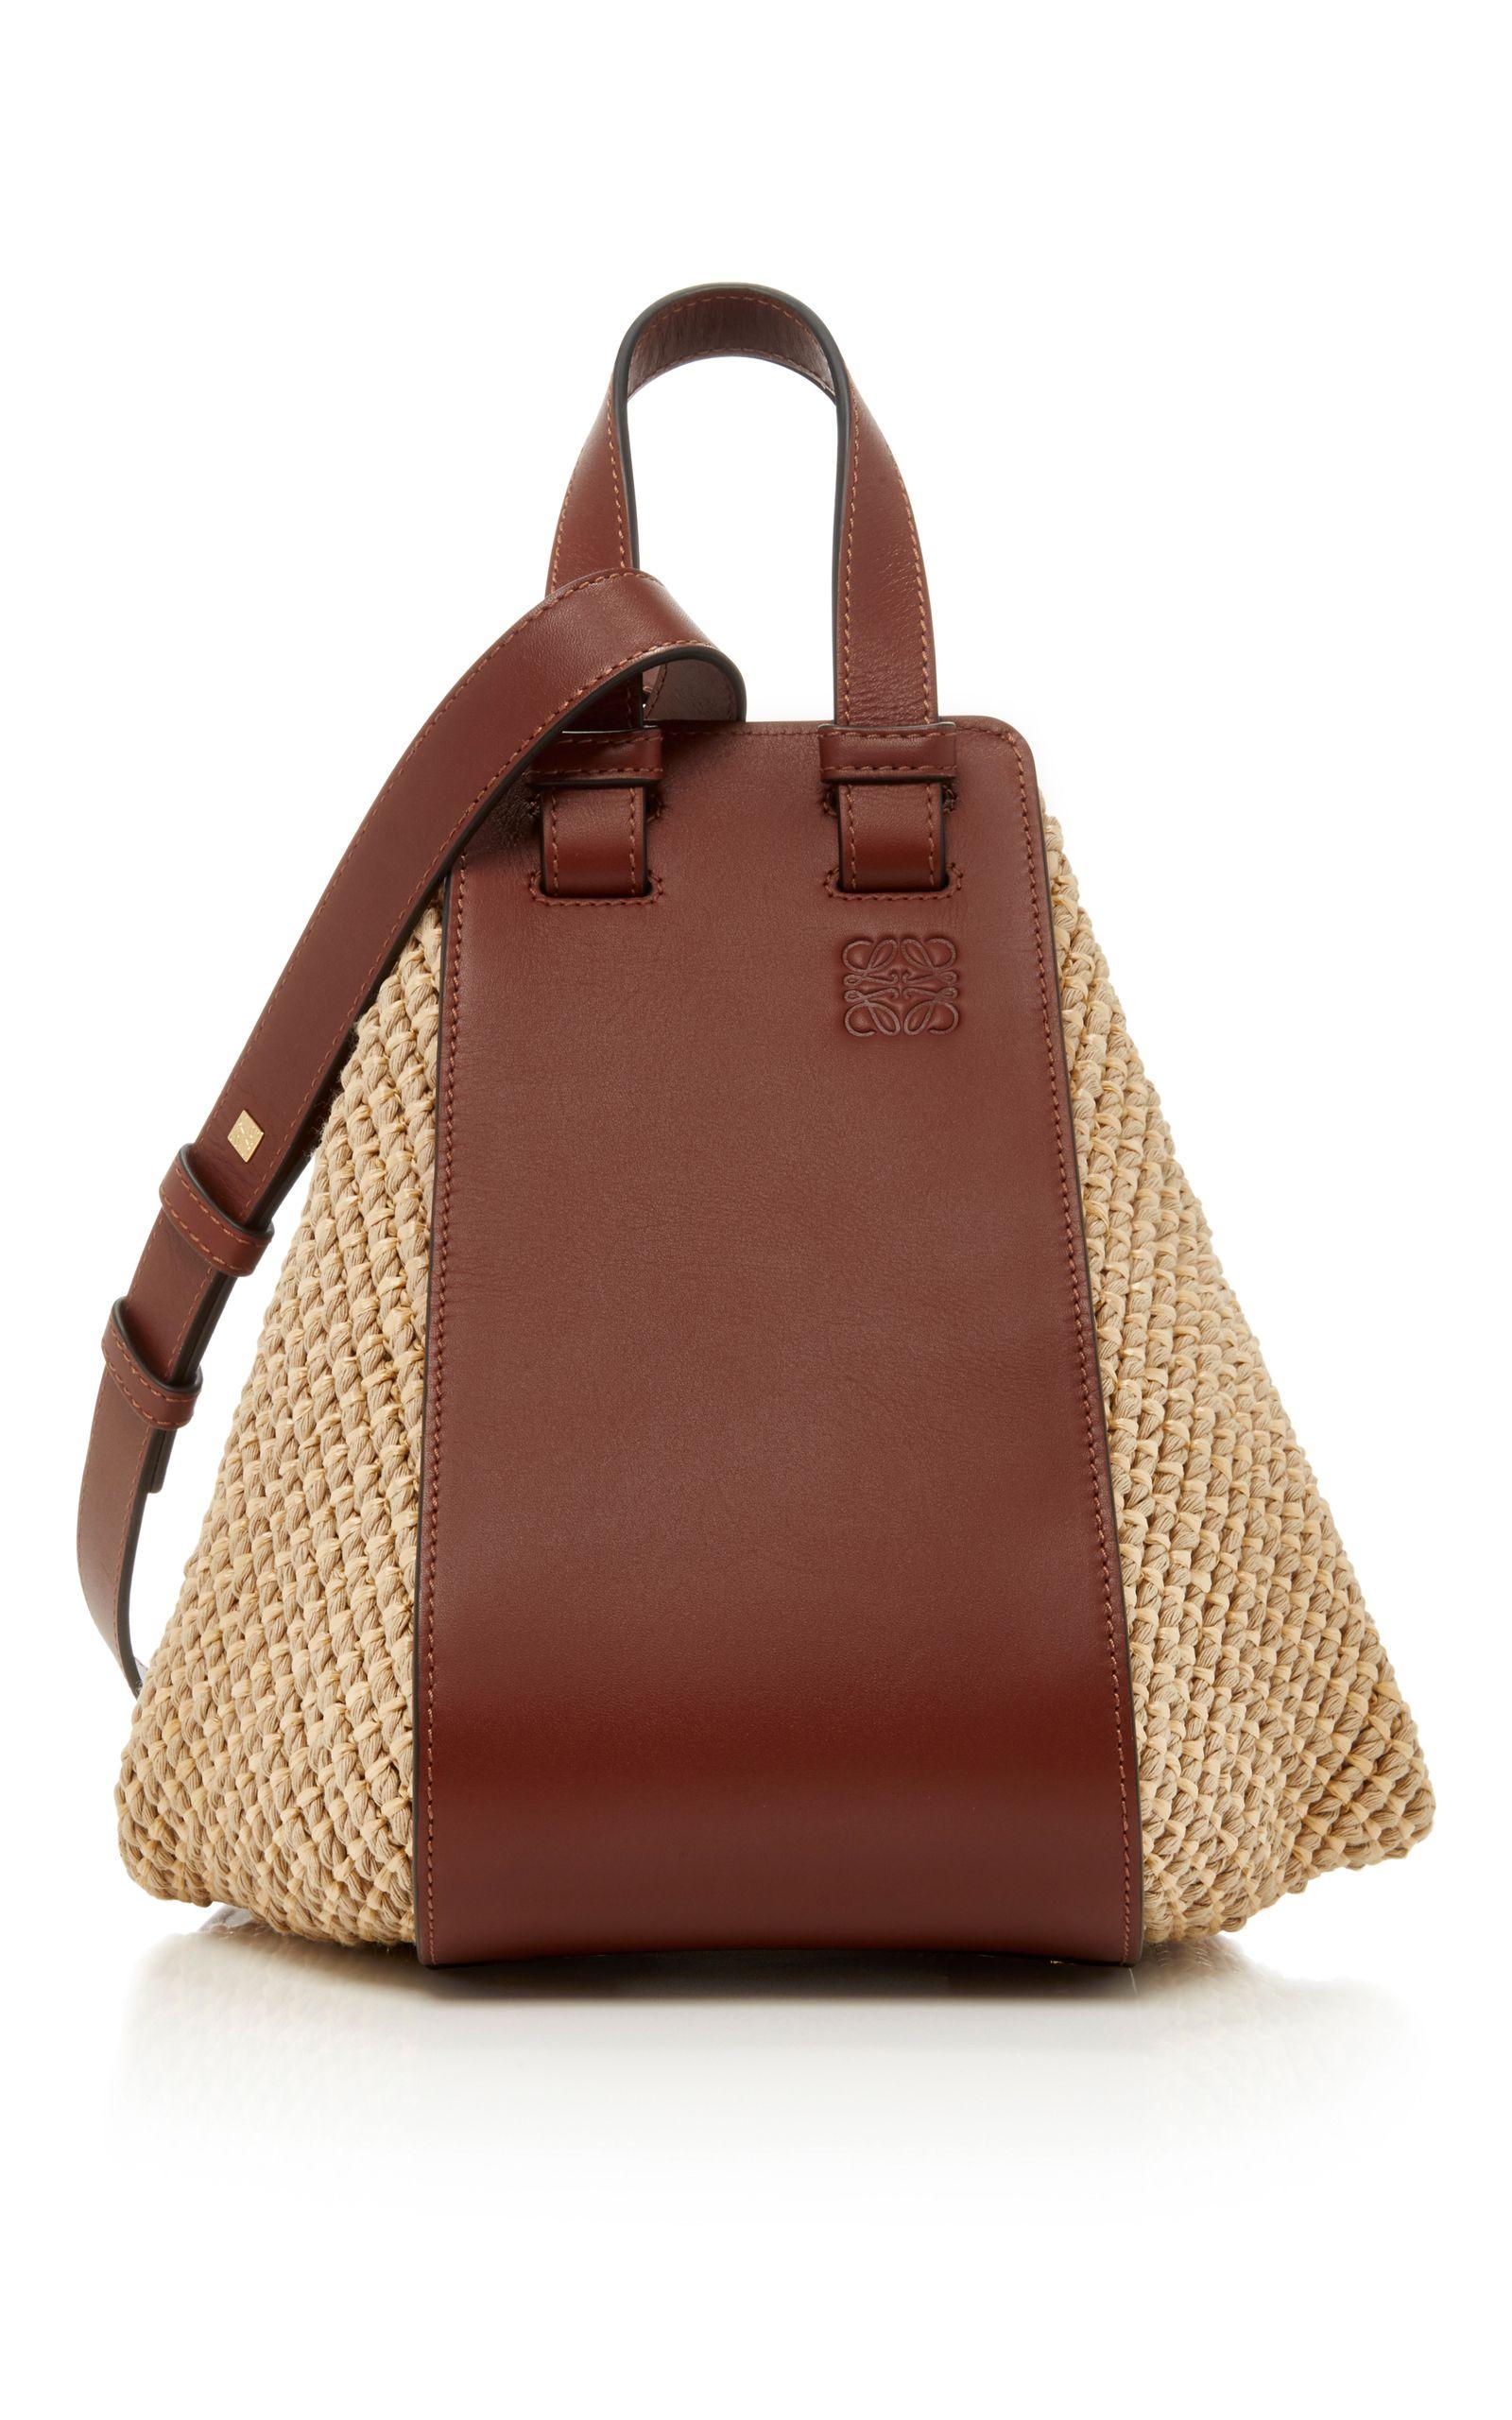 LOEWE . #loewe #bags #shoulder bags #hand bags #leather #tote #